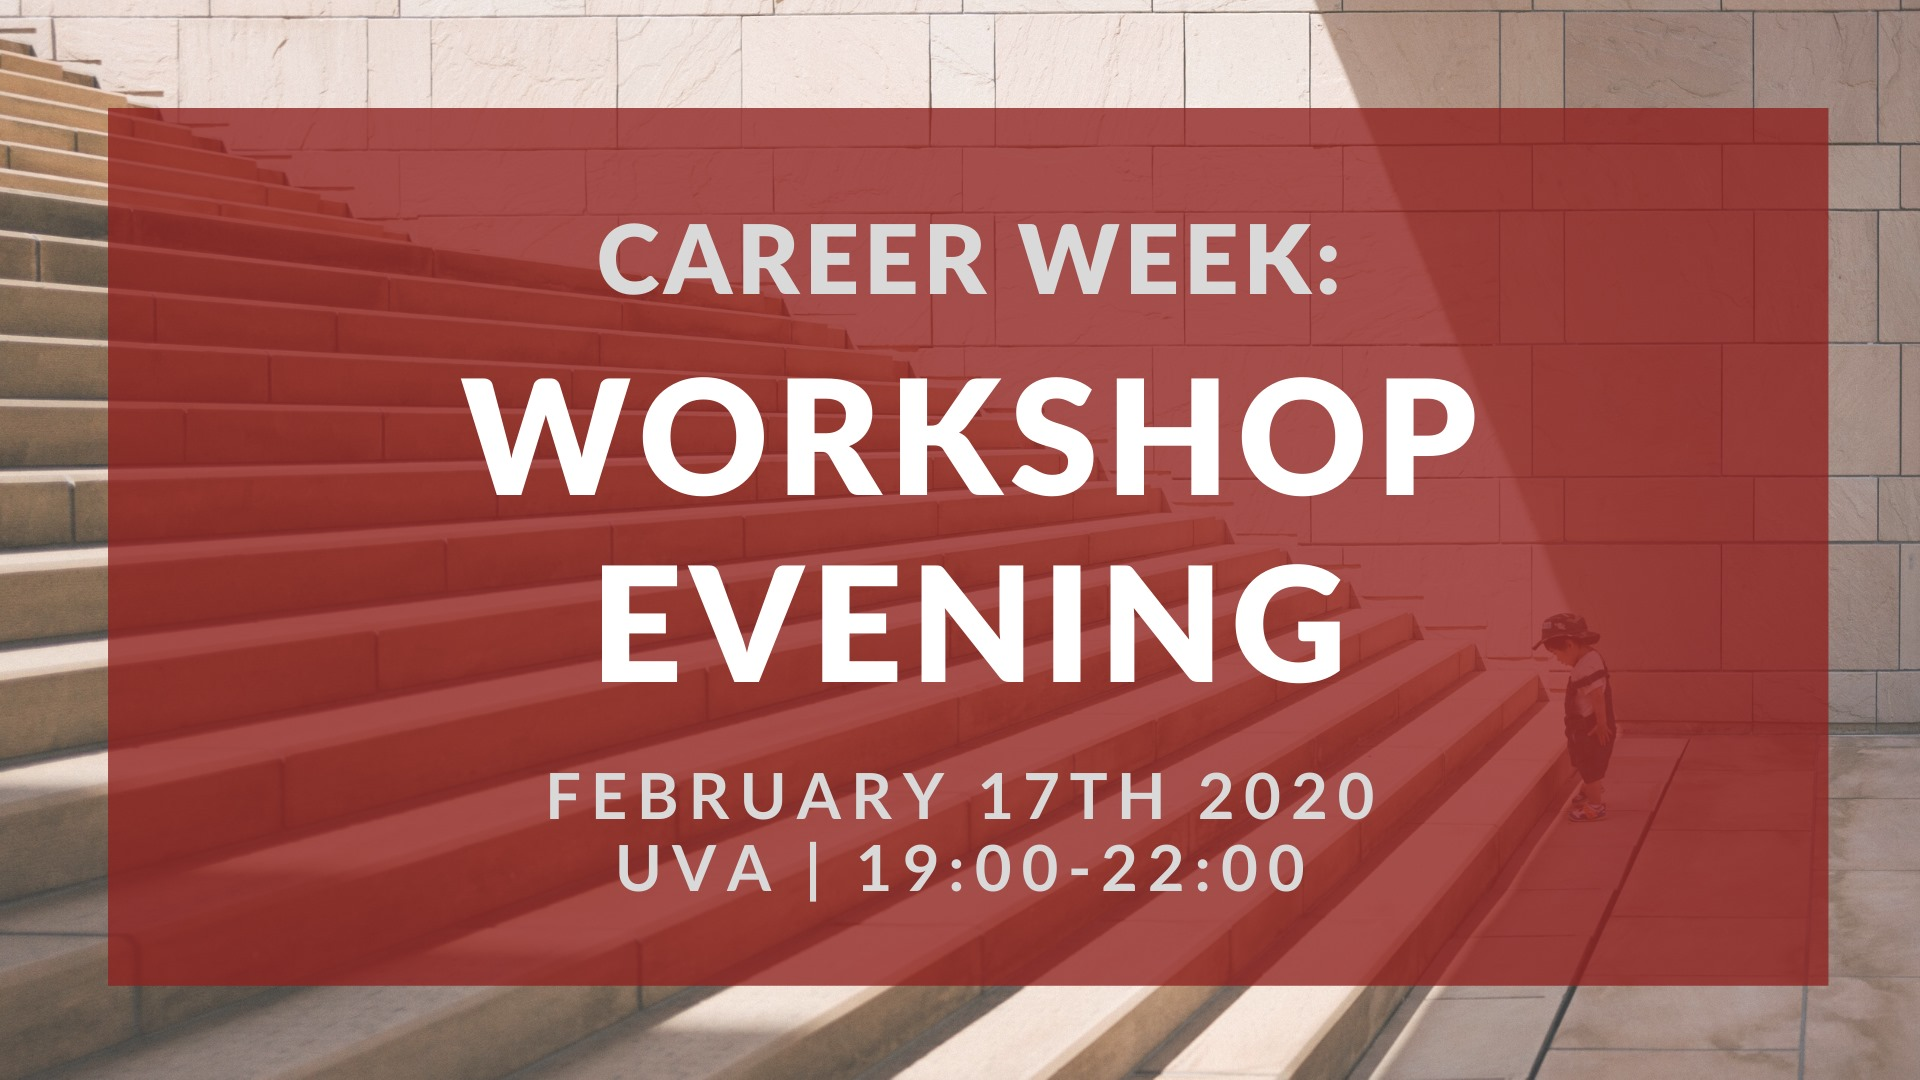 Career Week: Workshop Evening